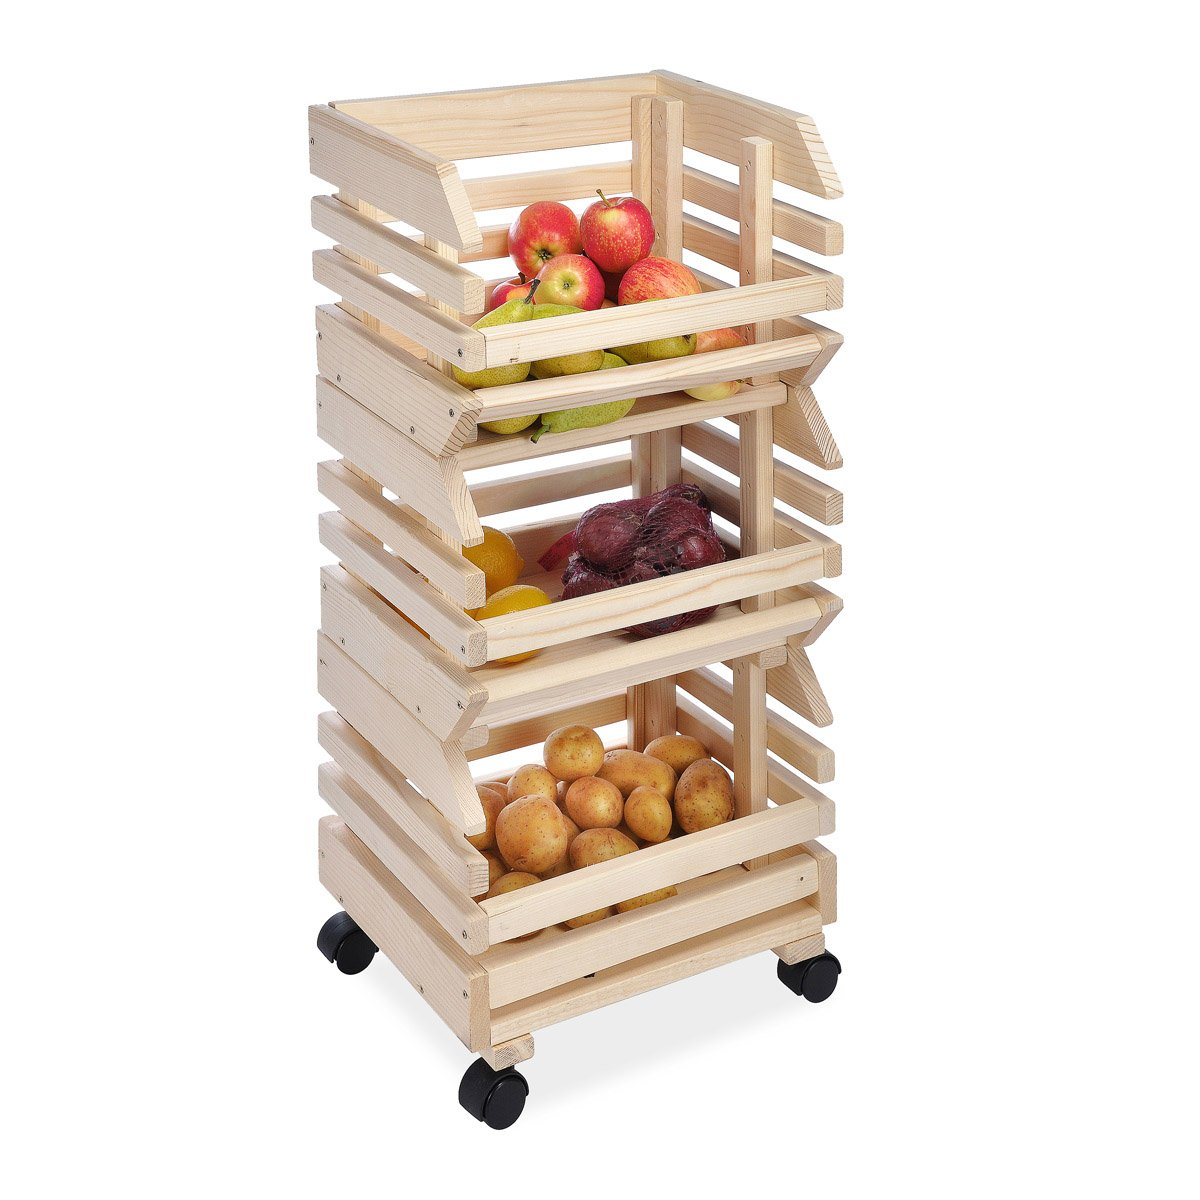 Kitchen Vegetable Storage Baskets: Kitchen Basket Storage Box Vegetable Fruit Wooden Rack 3